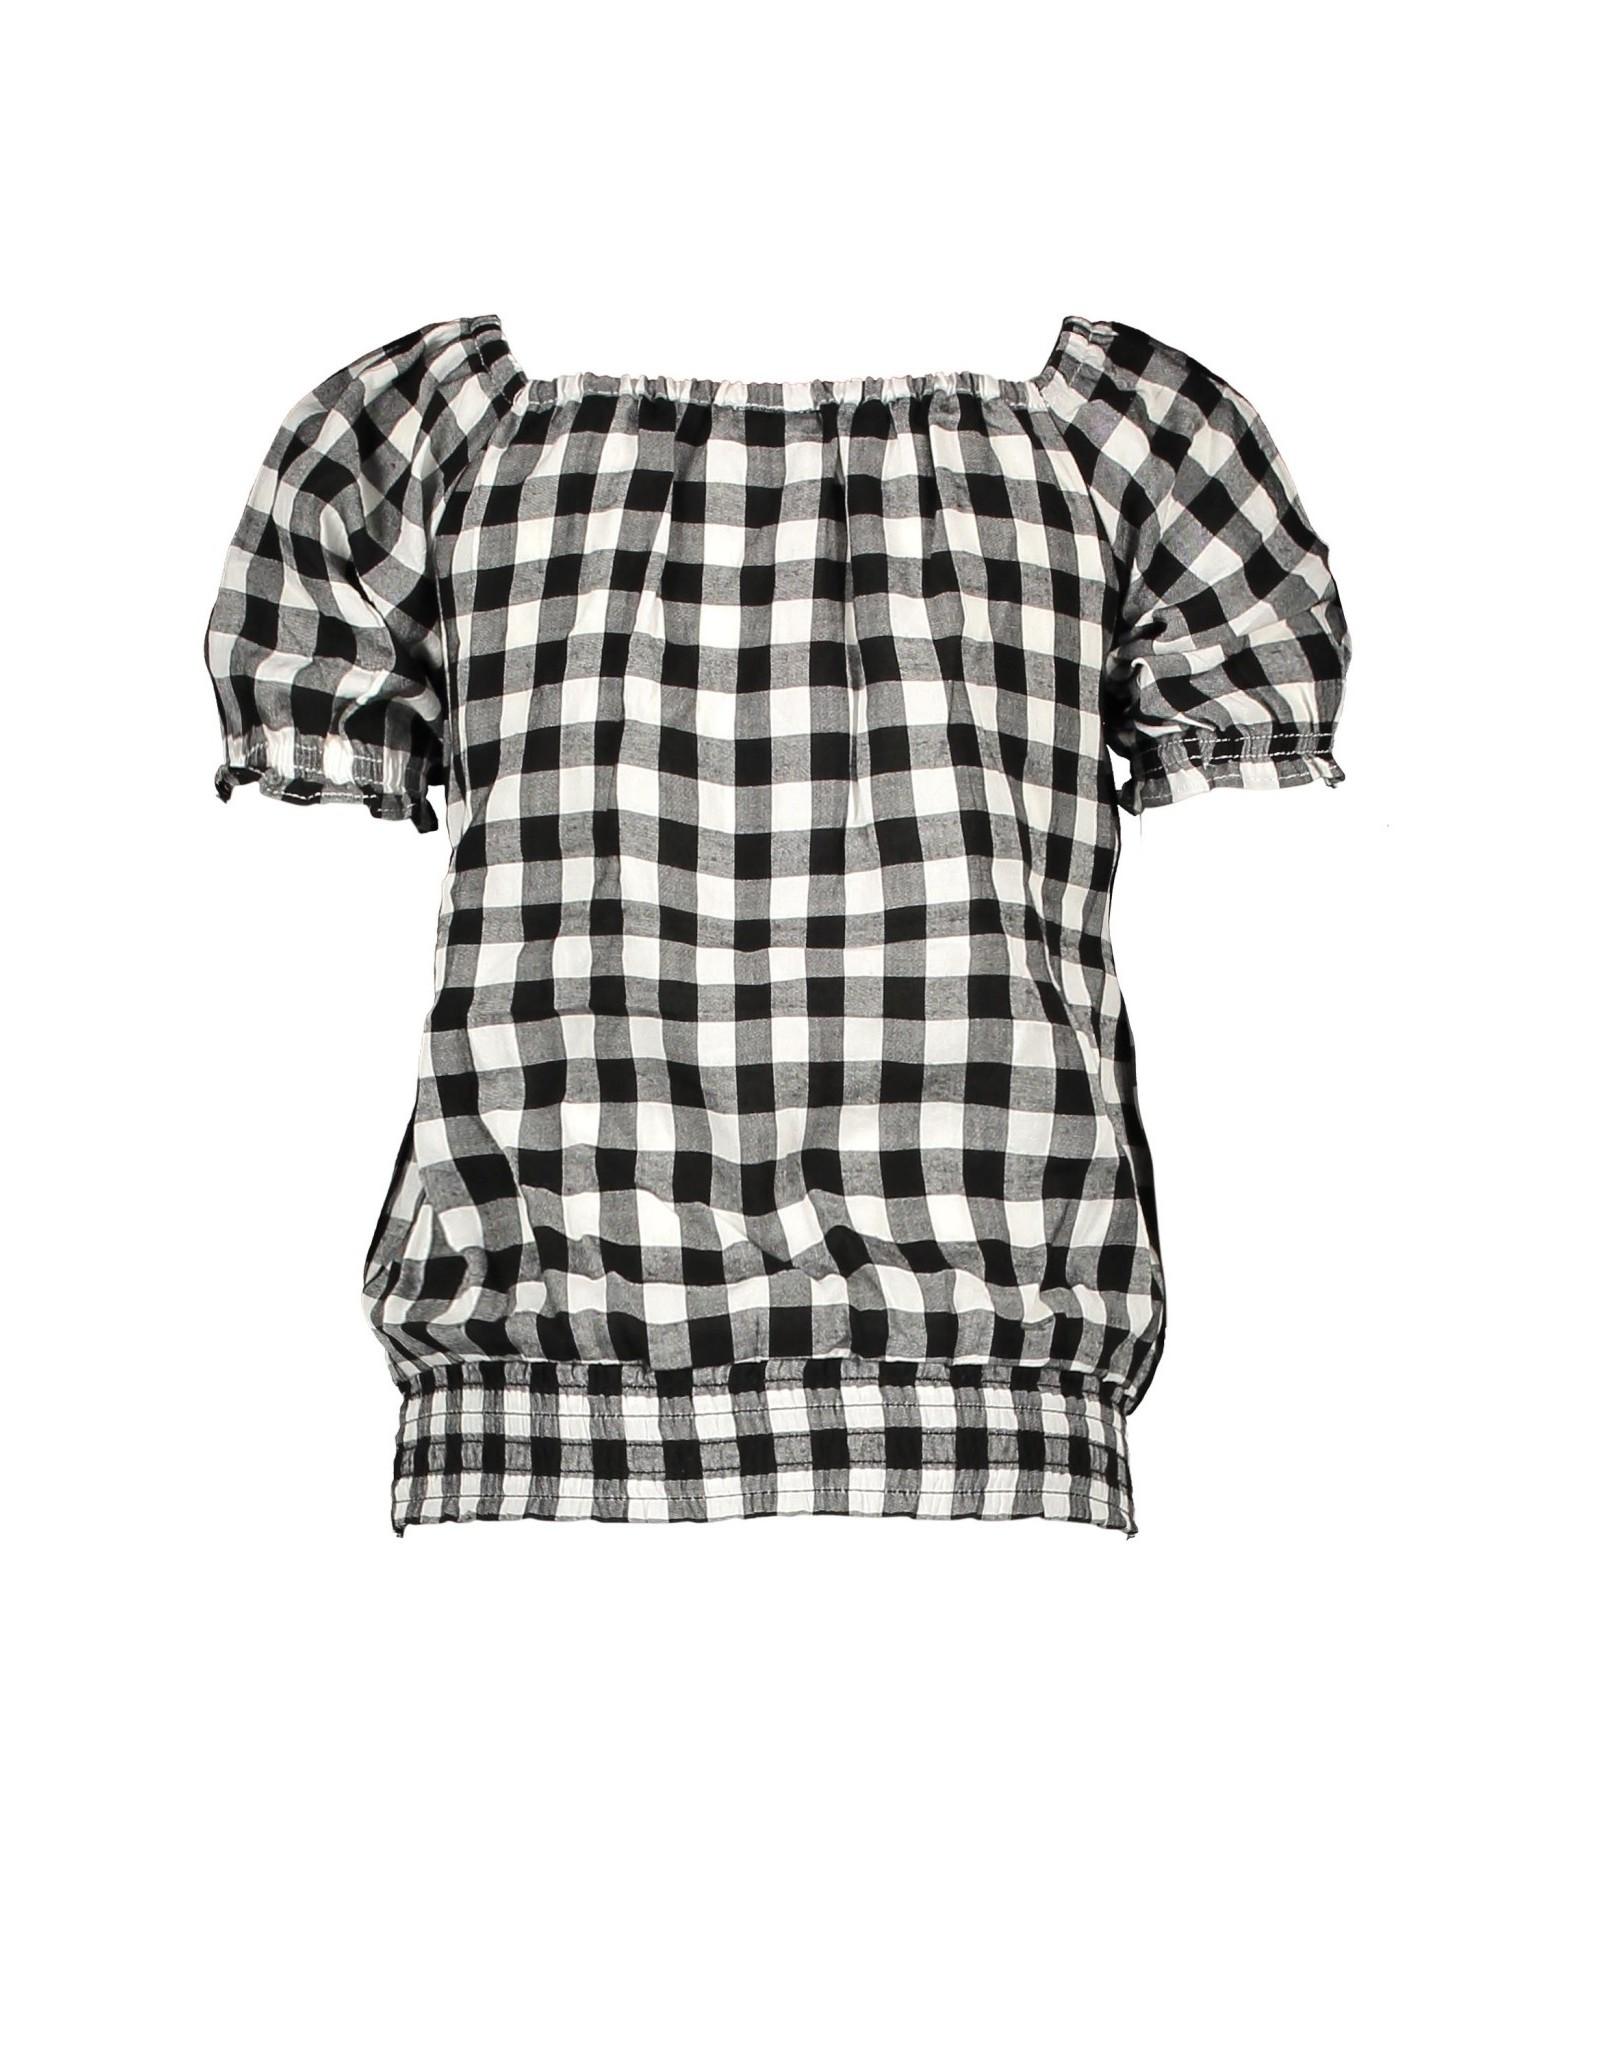 B.Nosy B.Nosy meisjes t-shirt Sunny Black White AO